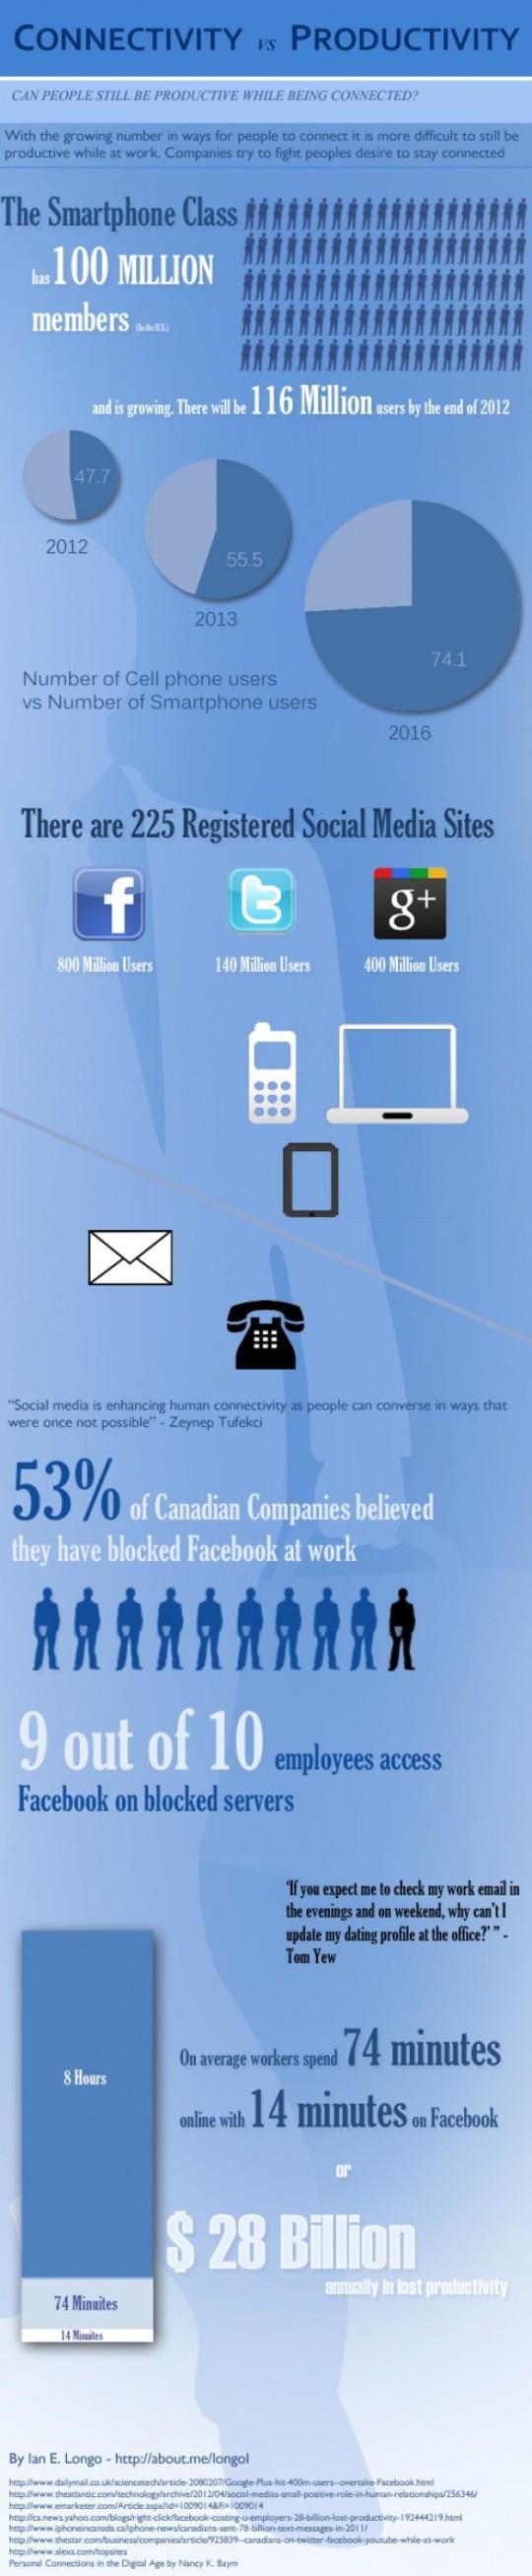 Infografía: Cuanto tiempo perdemos en Facebook cuando estamos trabajando.